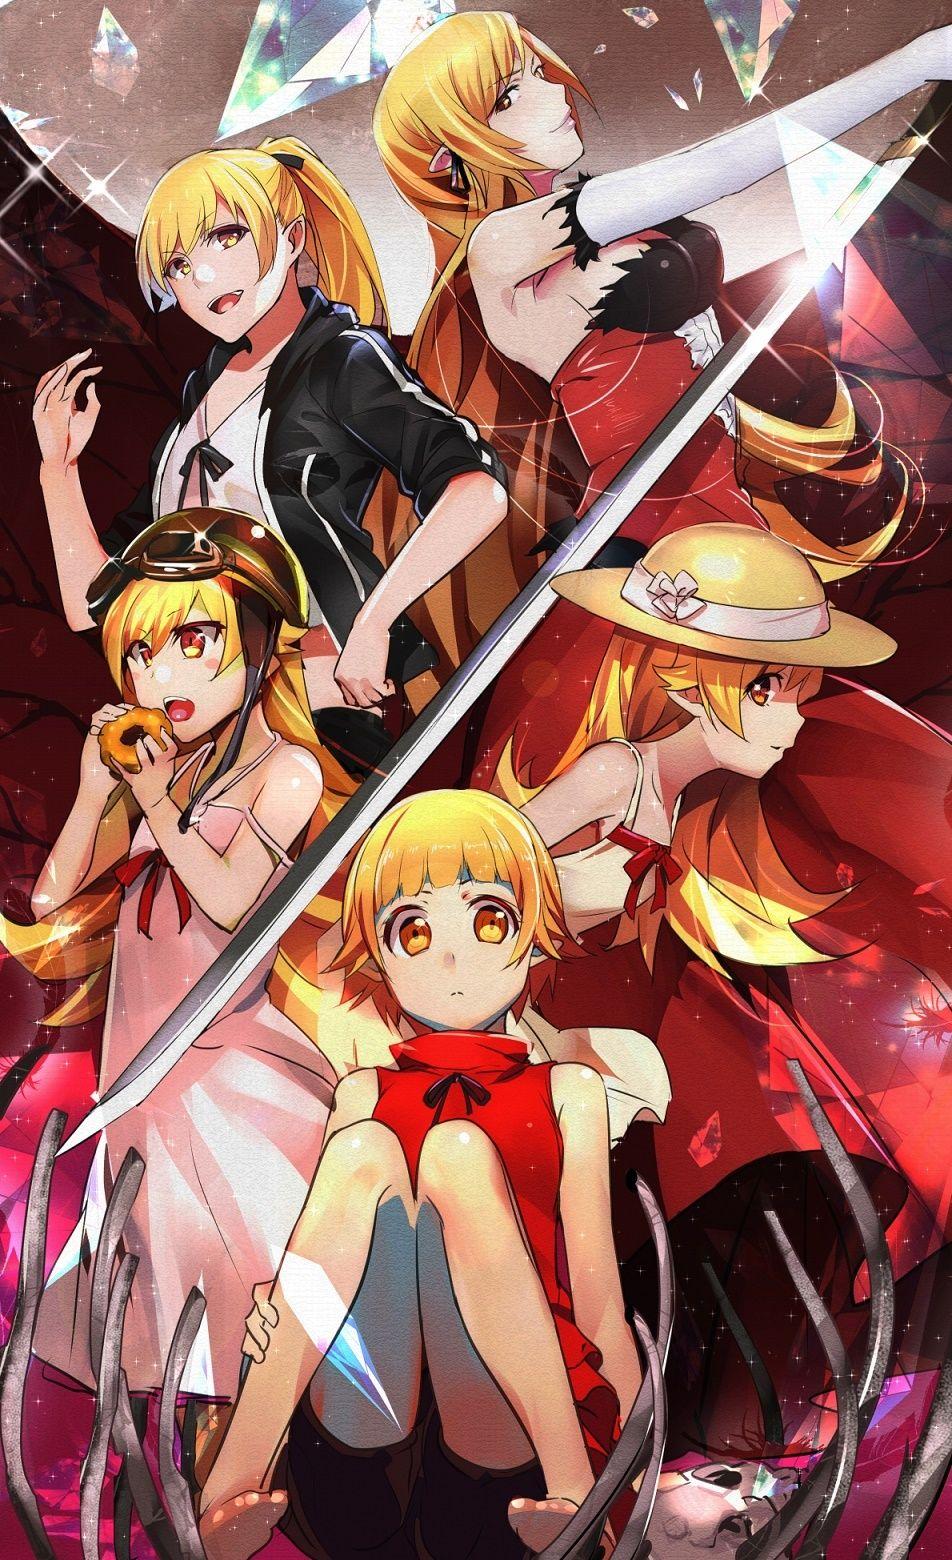 Shinobu Kiss Shot Anime Anime Shinobu Oshino Anime Art